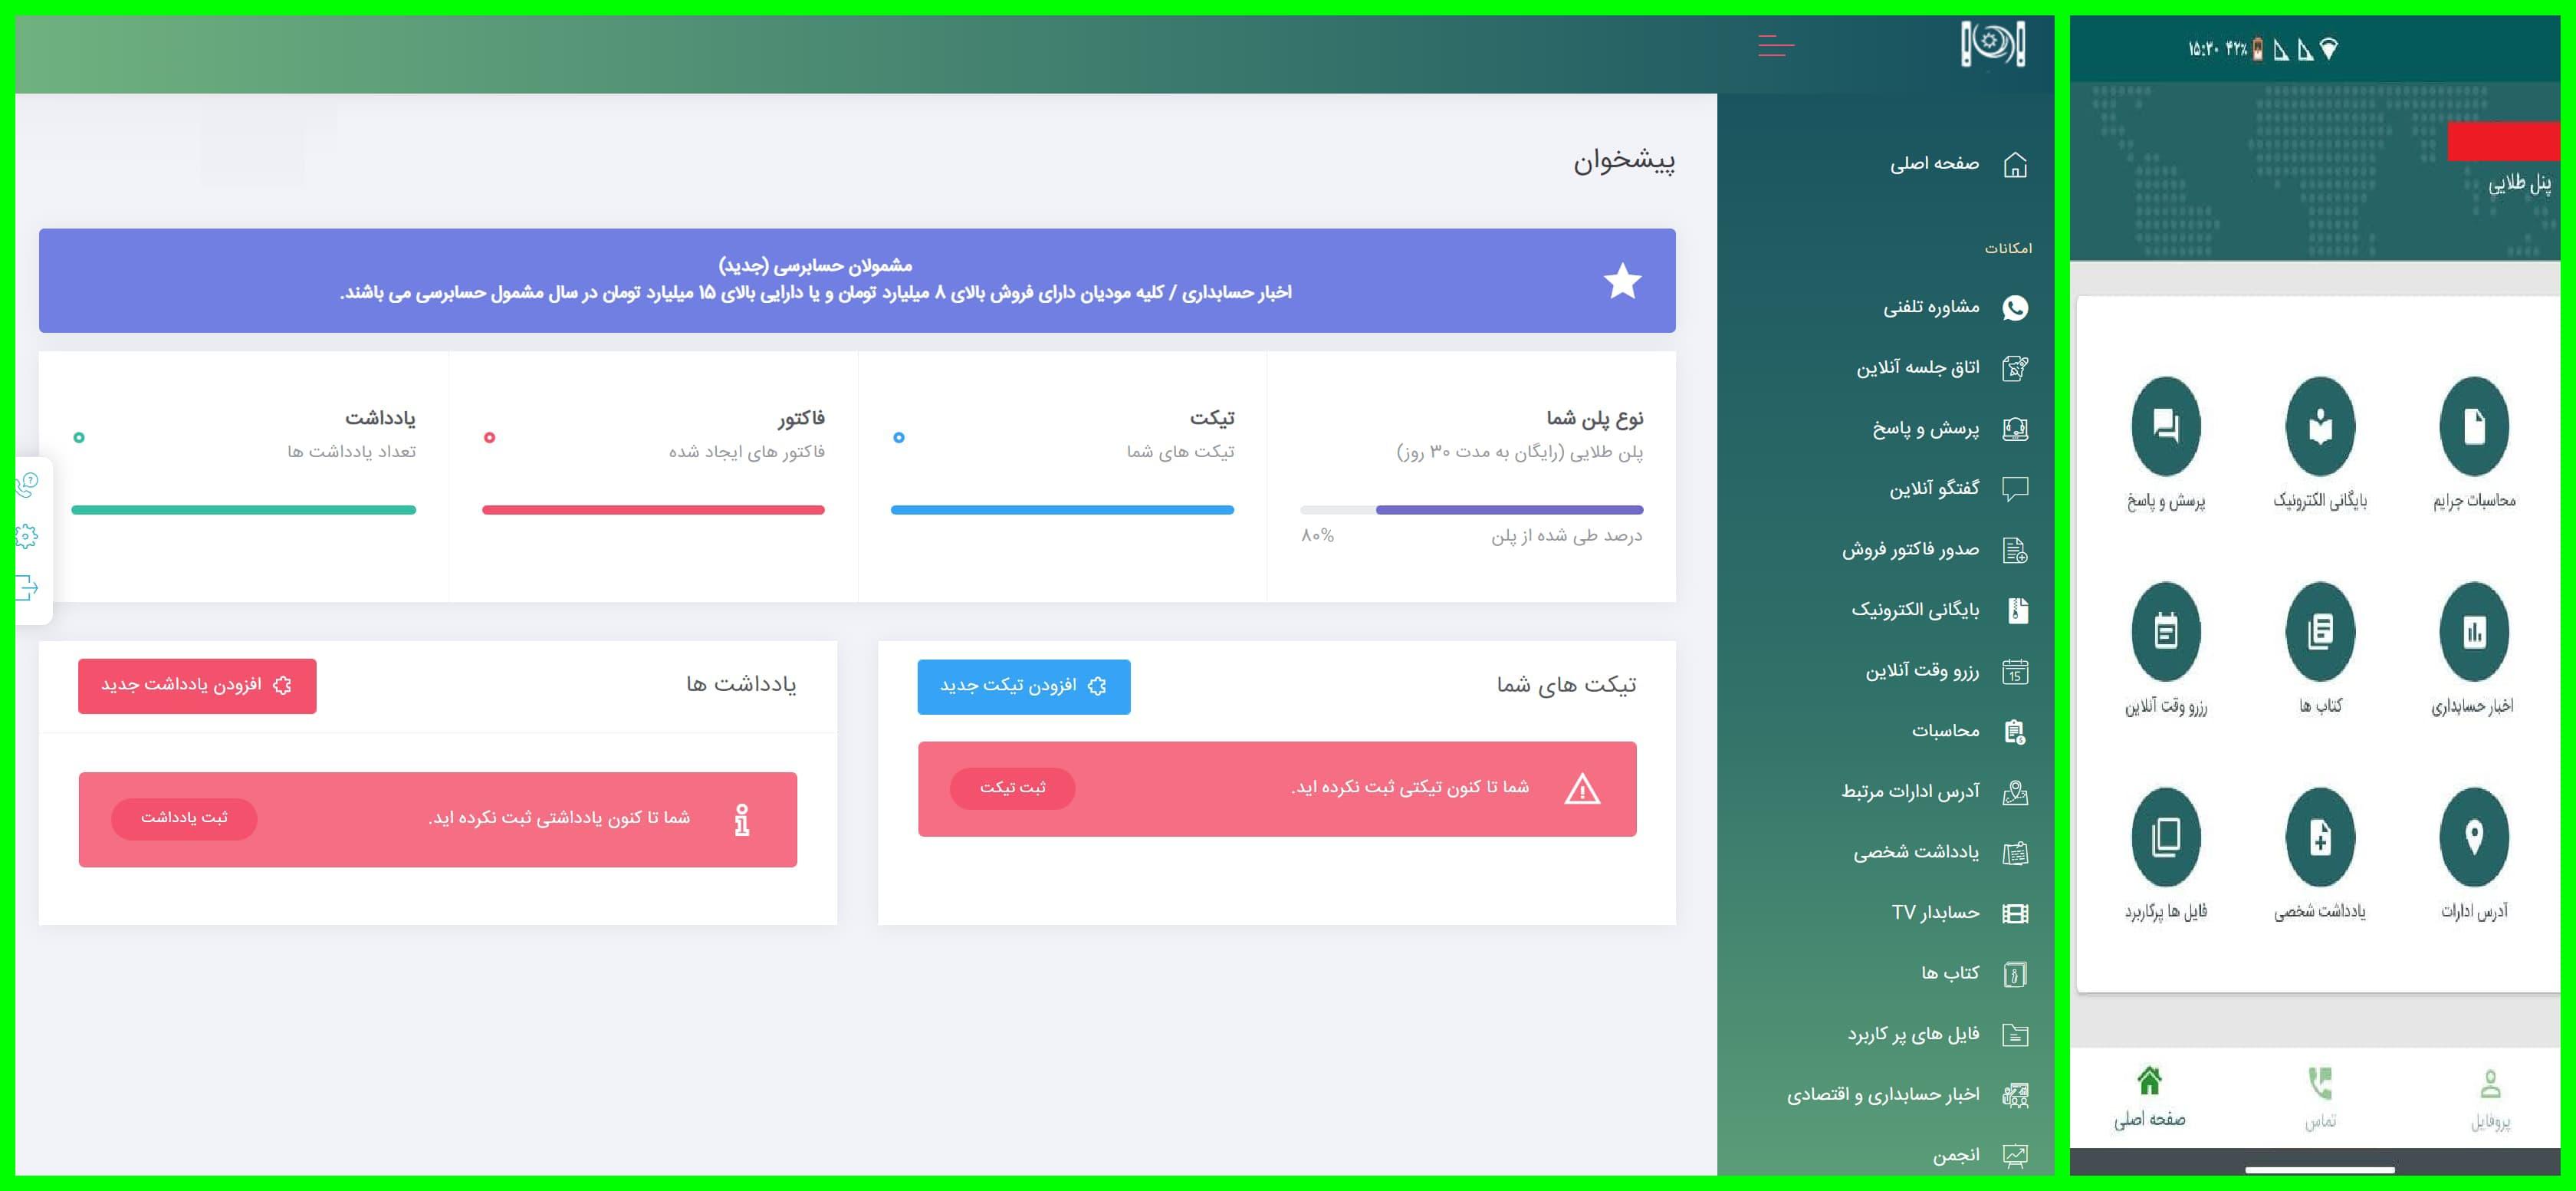 سایت حل مسائل حسابداری